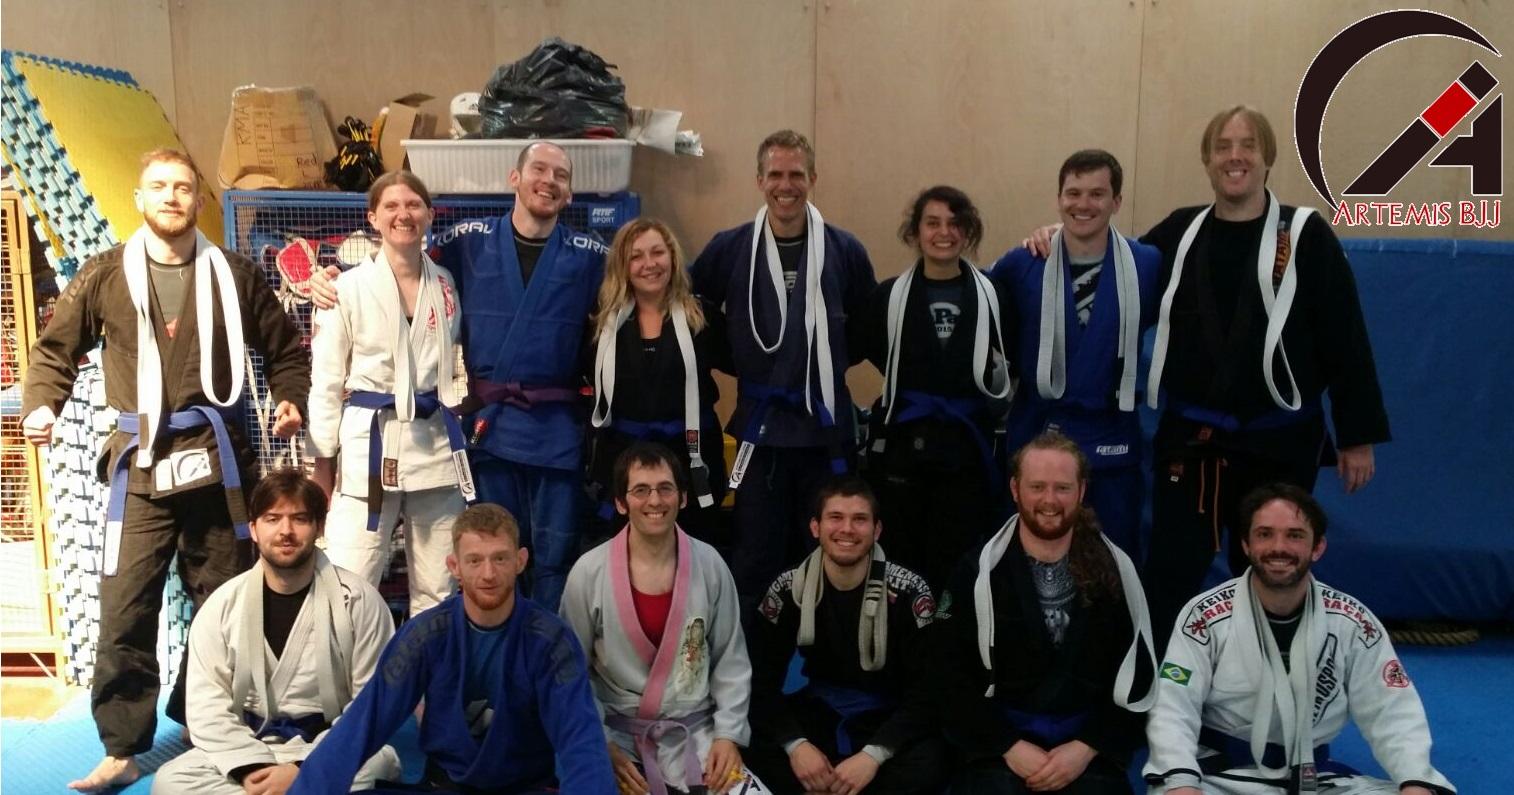 Grading with Kev Capel at Artemis BJJ Bristol Brazilian Jiu Jitsu